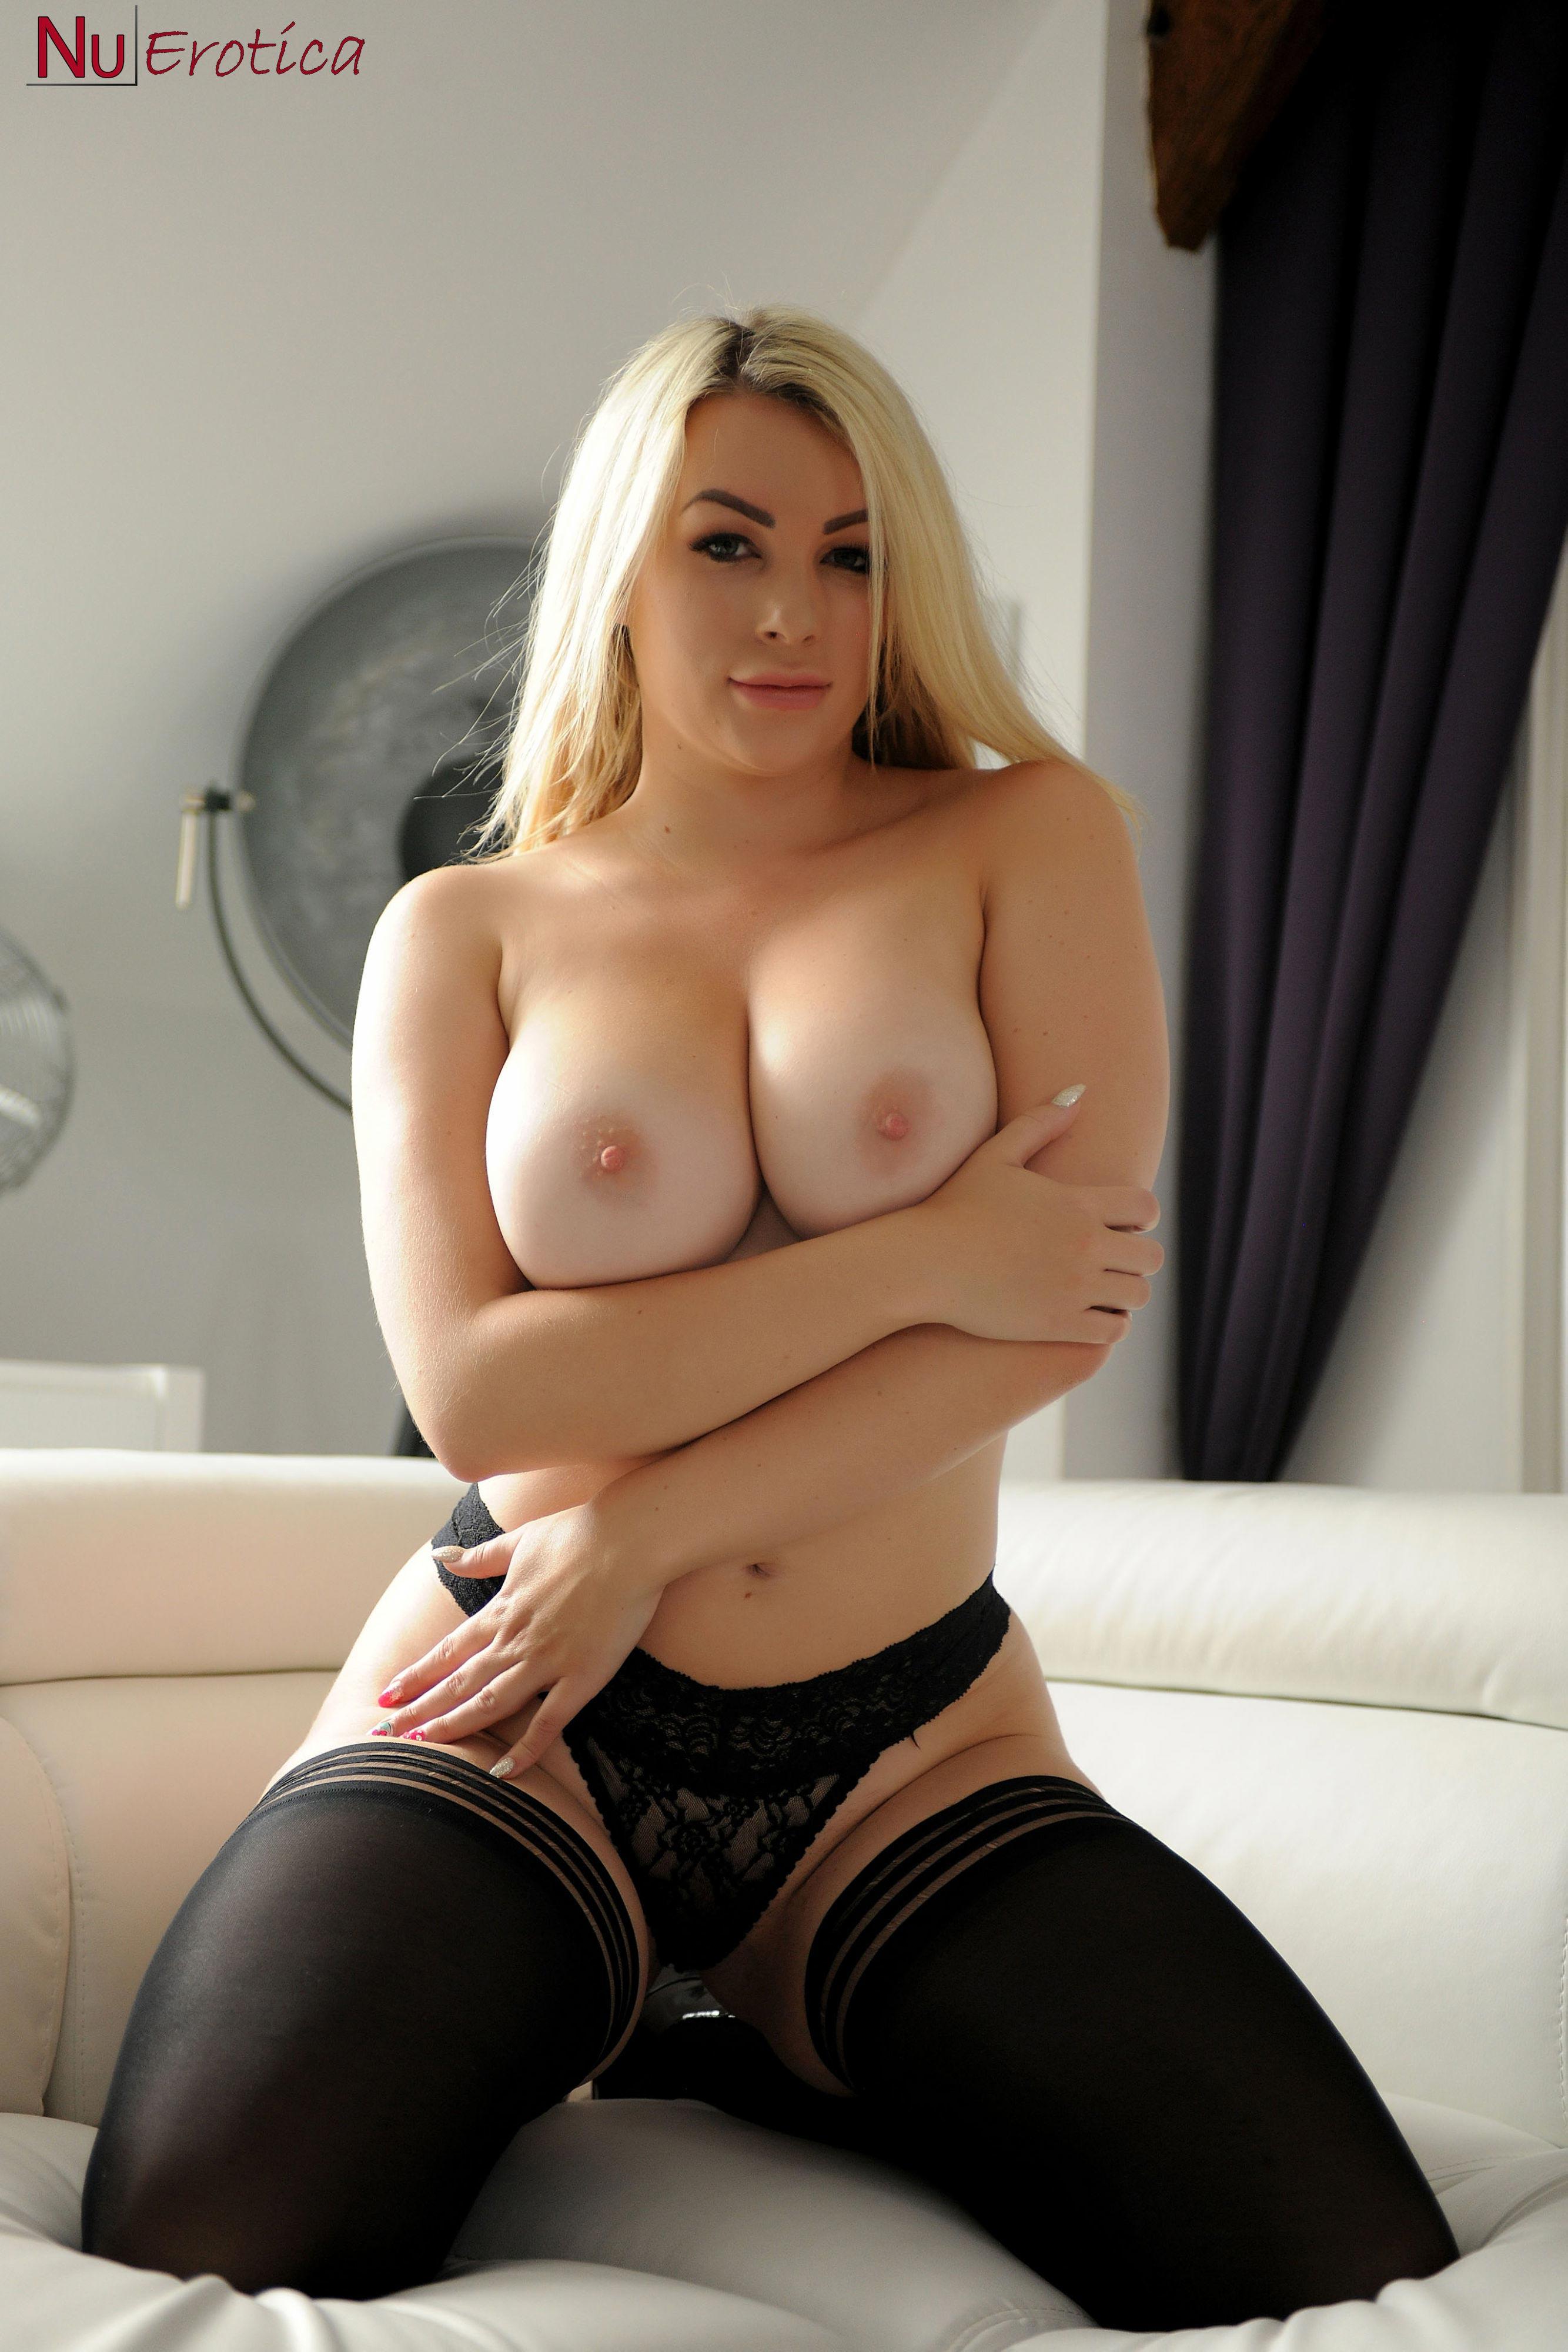 Curvy nude blonde